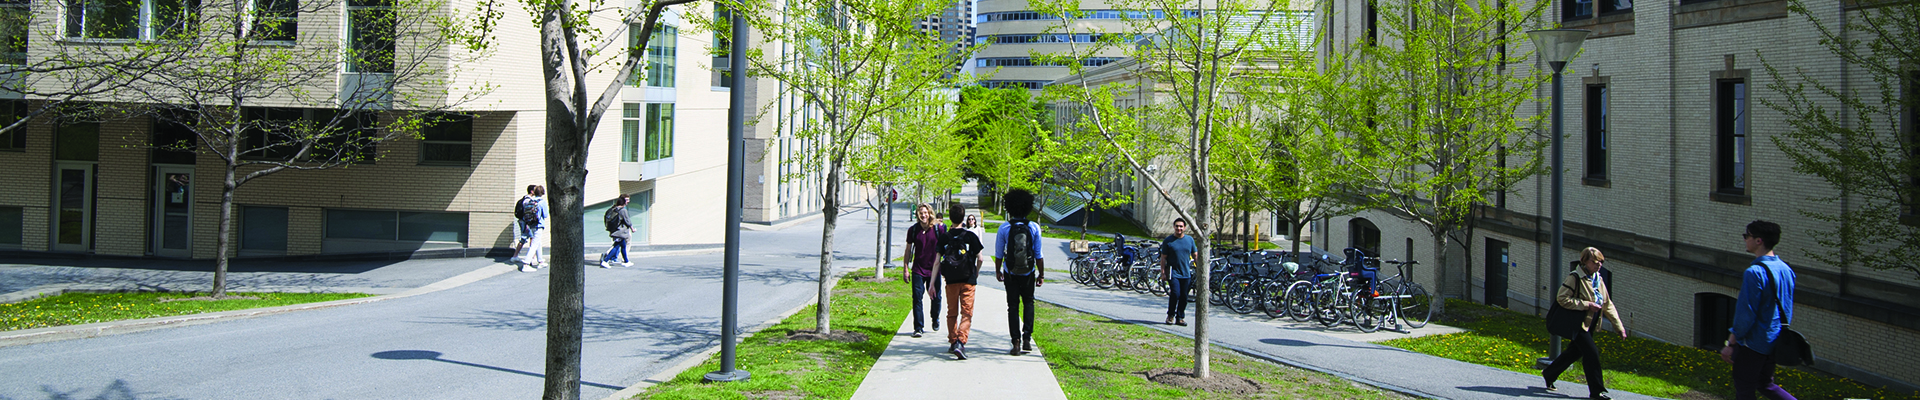 Campus de l'Université du Québec à Montréal